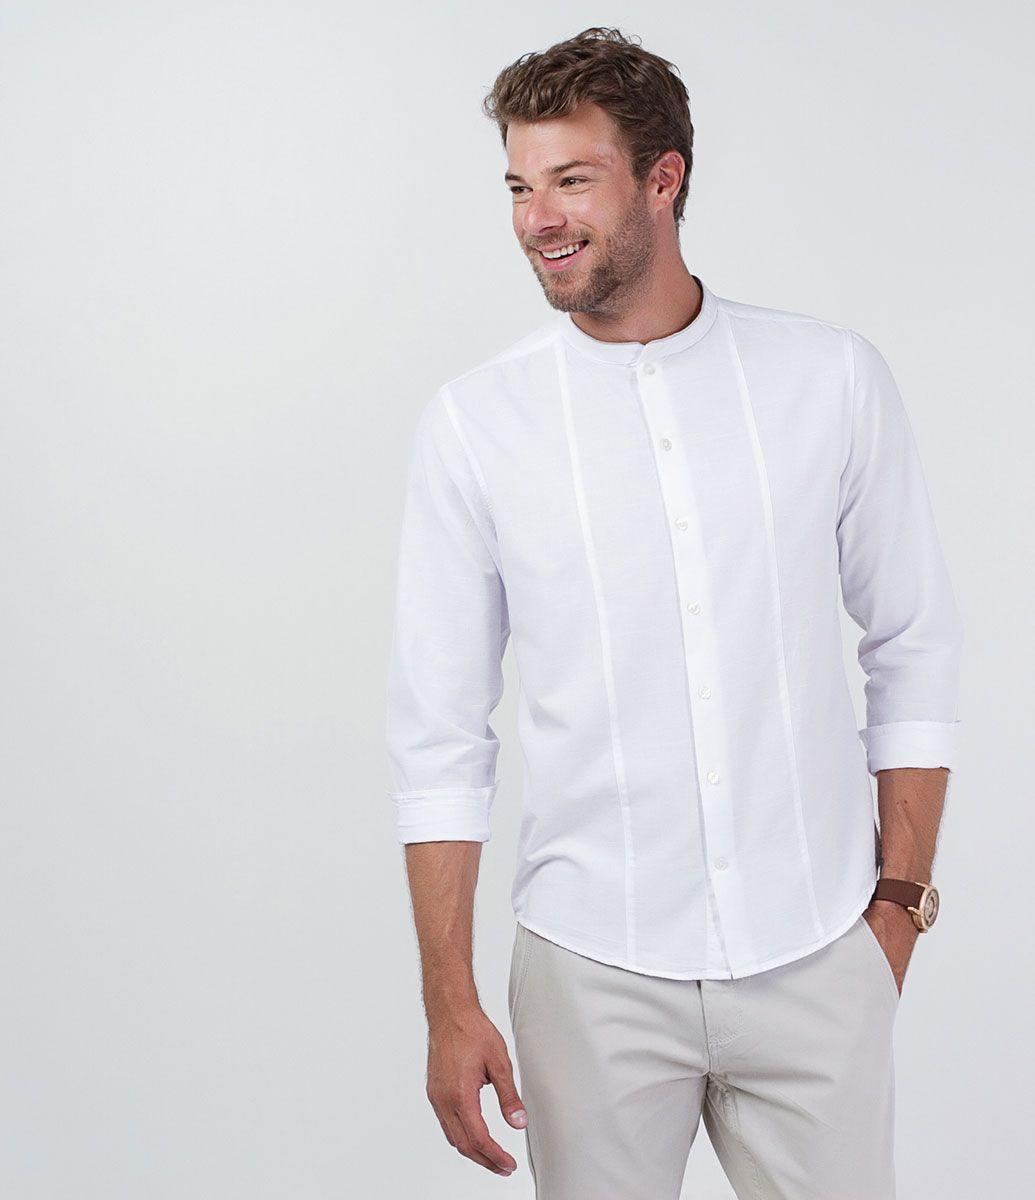 6a316c63ded Camisa masculina Manga longa Gola padre Modelo bata Marca  Marfinno Tecido   voal Modelo veste tamanho  M COLEÇÃO VERÃO 2016 Veja mais opções de camisas  ...